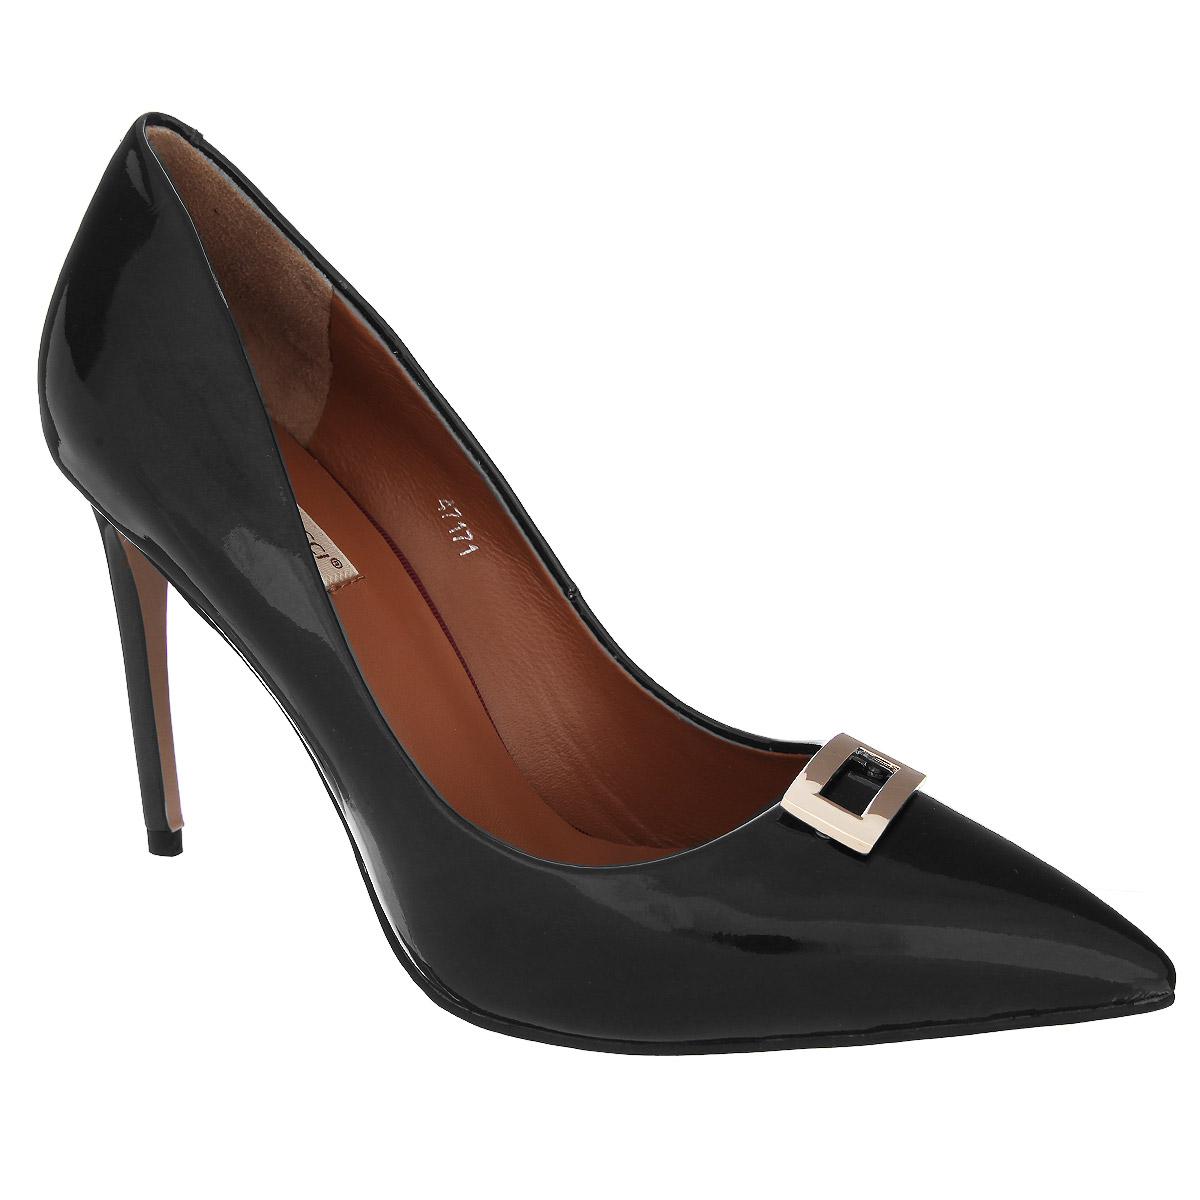 Туфли женские. 471747171Изысканные женские туфли Vitacci займут достойное место среди вашей коллекции обуви. Модель изготовлена из натуральной лакированной кожи. Мыс изделия оформлен прямоугольным декоративным элементом из металла, стилизованным под пряжку. Зауженный носок добавит женственности в ваш образ. Стелька из натуральной кожи позволит ногам дышать. Подошва оснащена противоскользящим рифлением. Прелестные туфли покорят вас с первого взгляда.